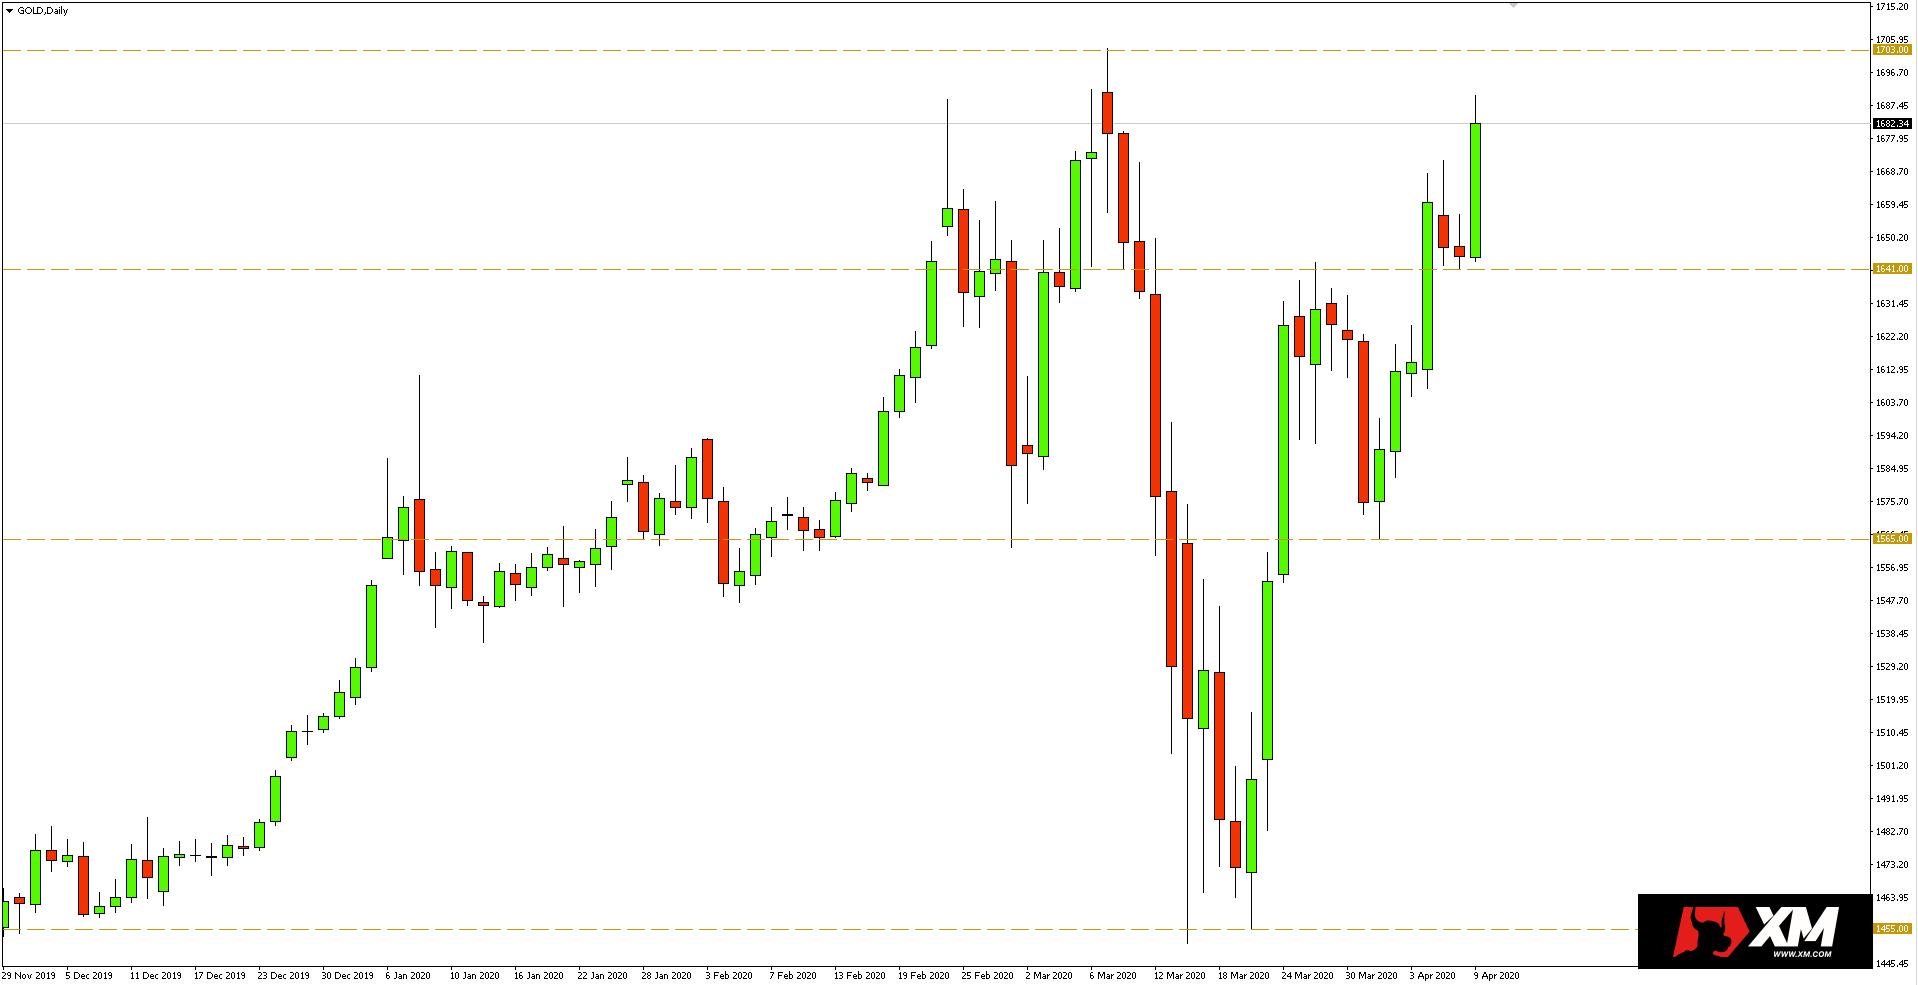 Wykres dzienny kursu złota - 10 kwietnia 2020 r.